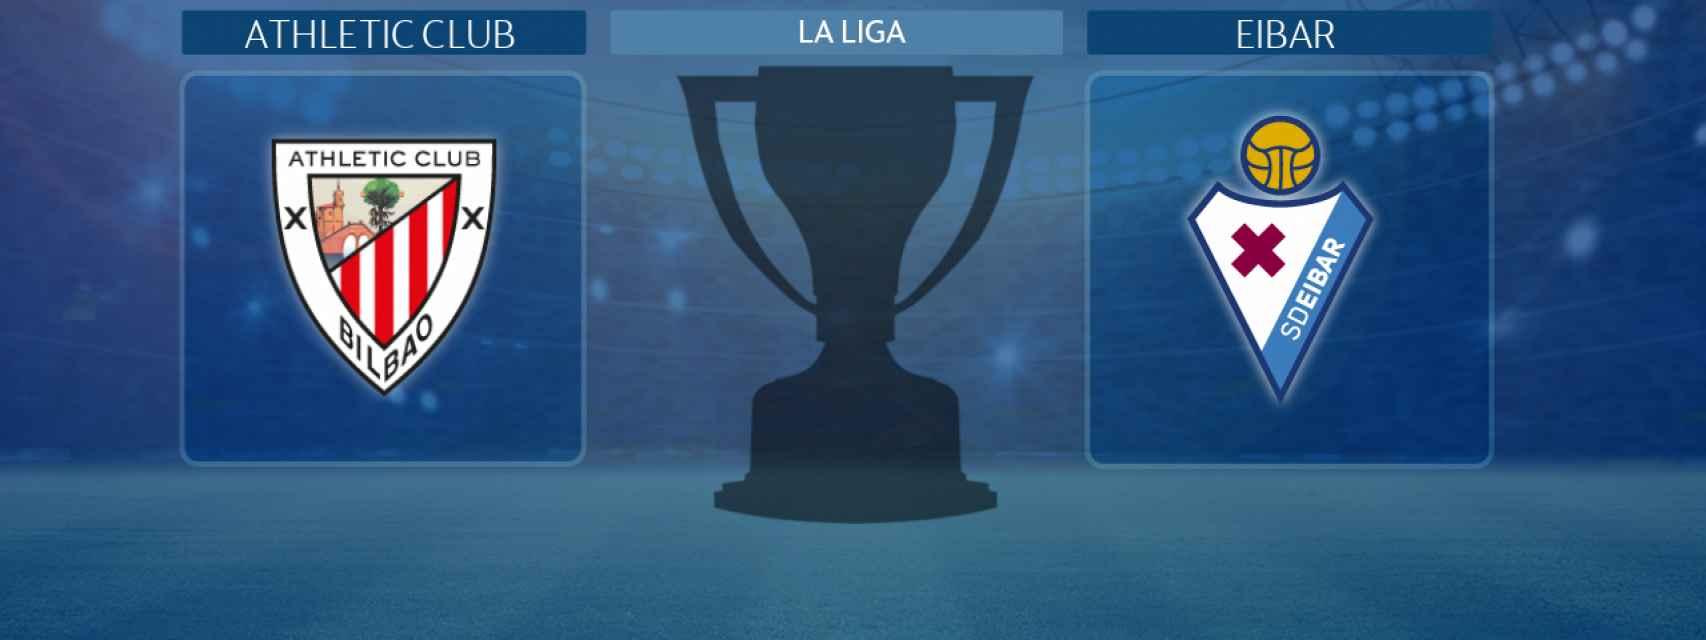 Athletic Club - Eibar, partido de La Liga